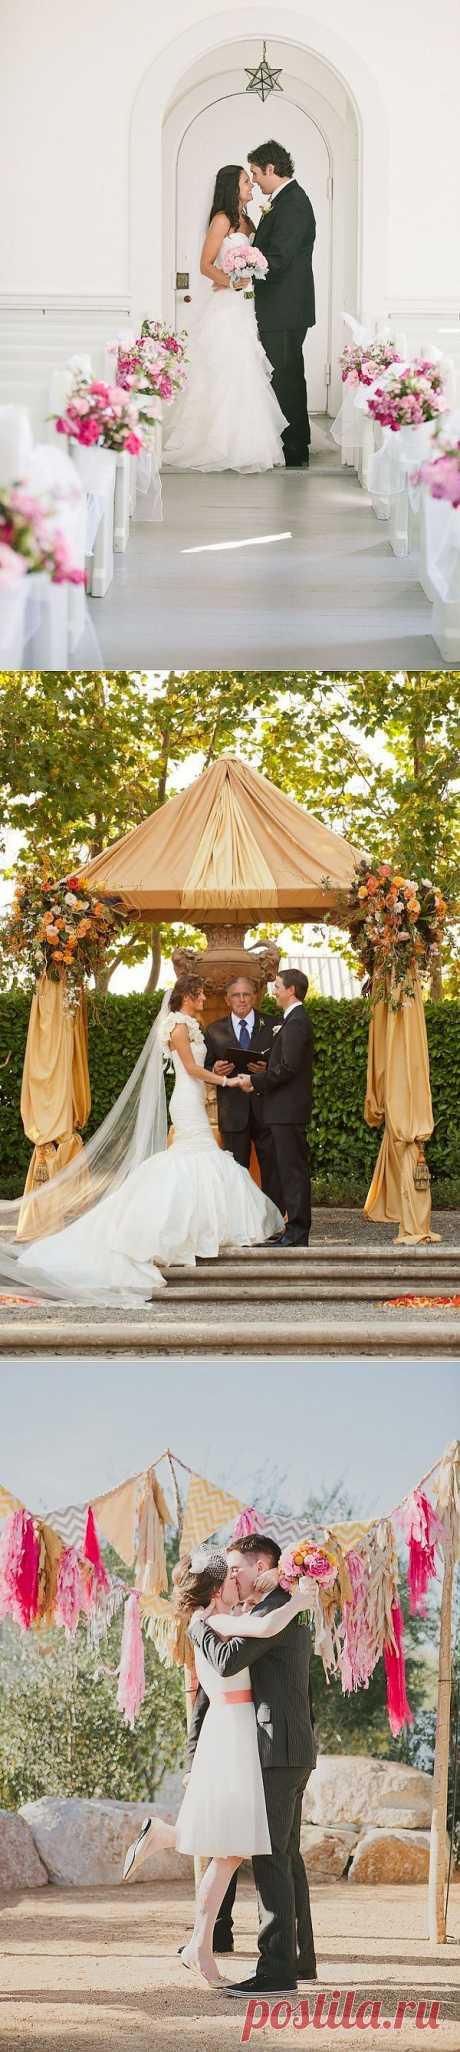 Музыкальное сопровождение на свадьбе - WeddyWood